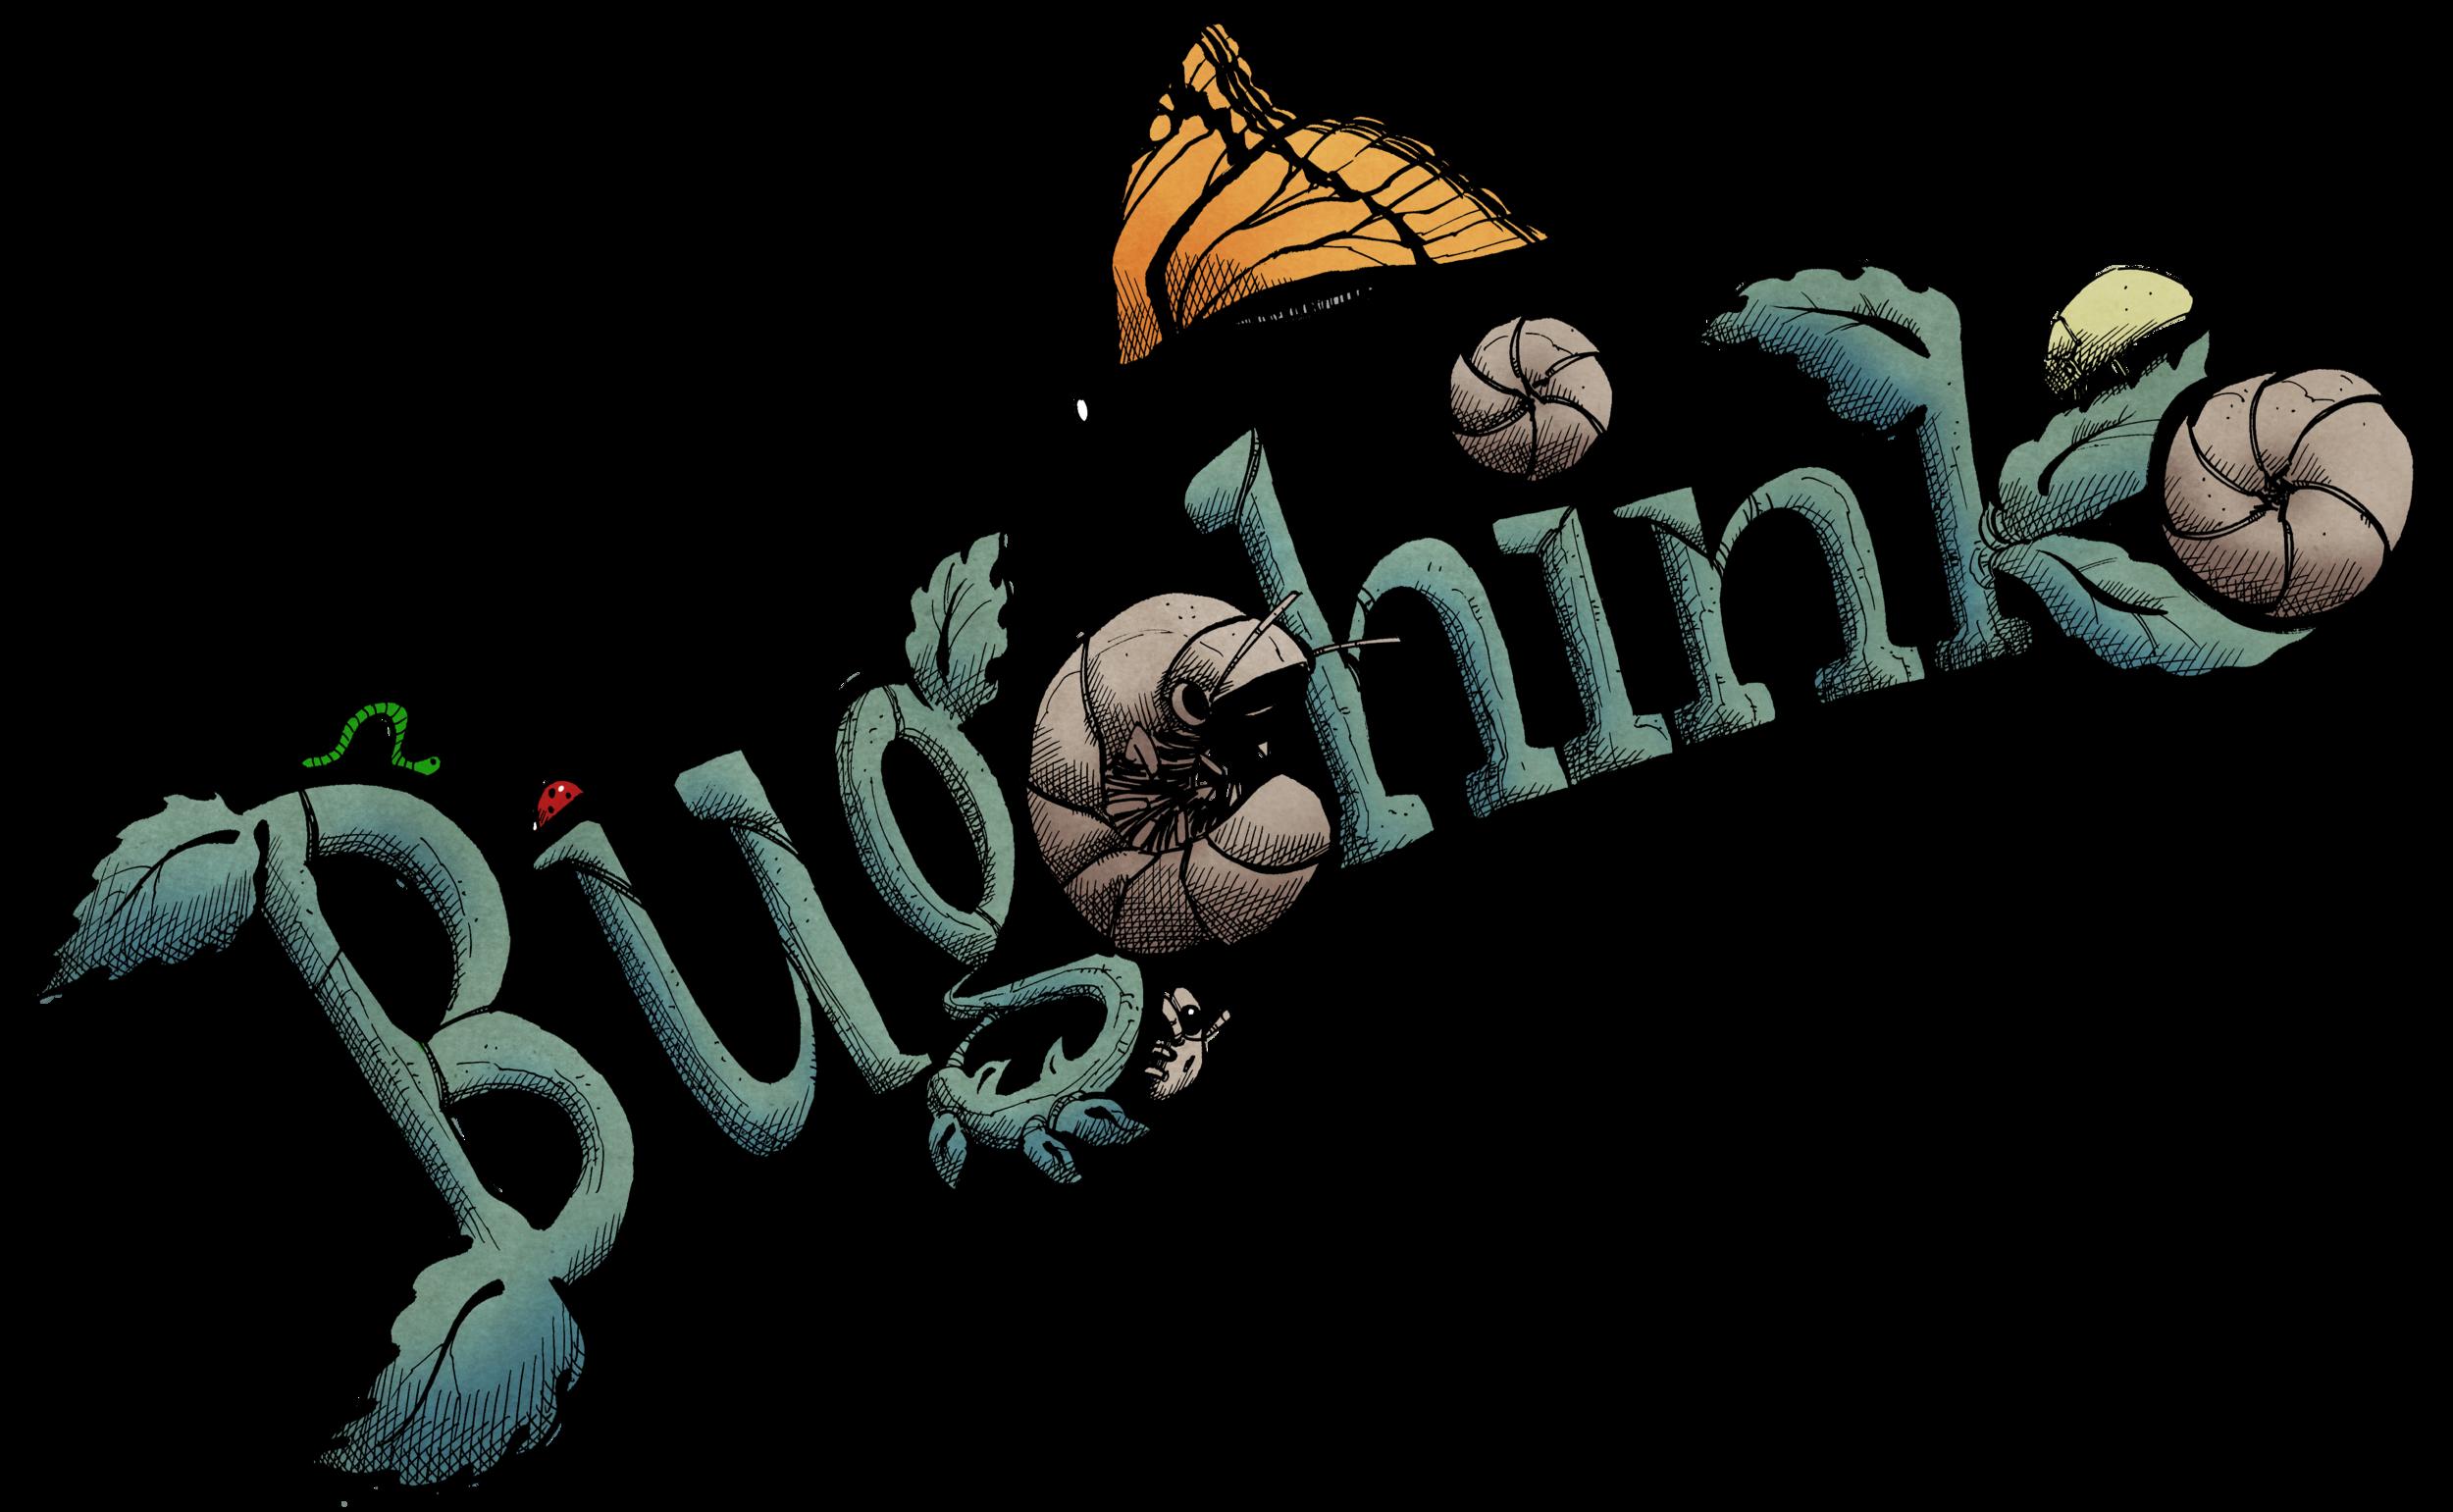 Bugchinko - Bob's rendering